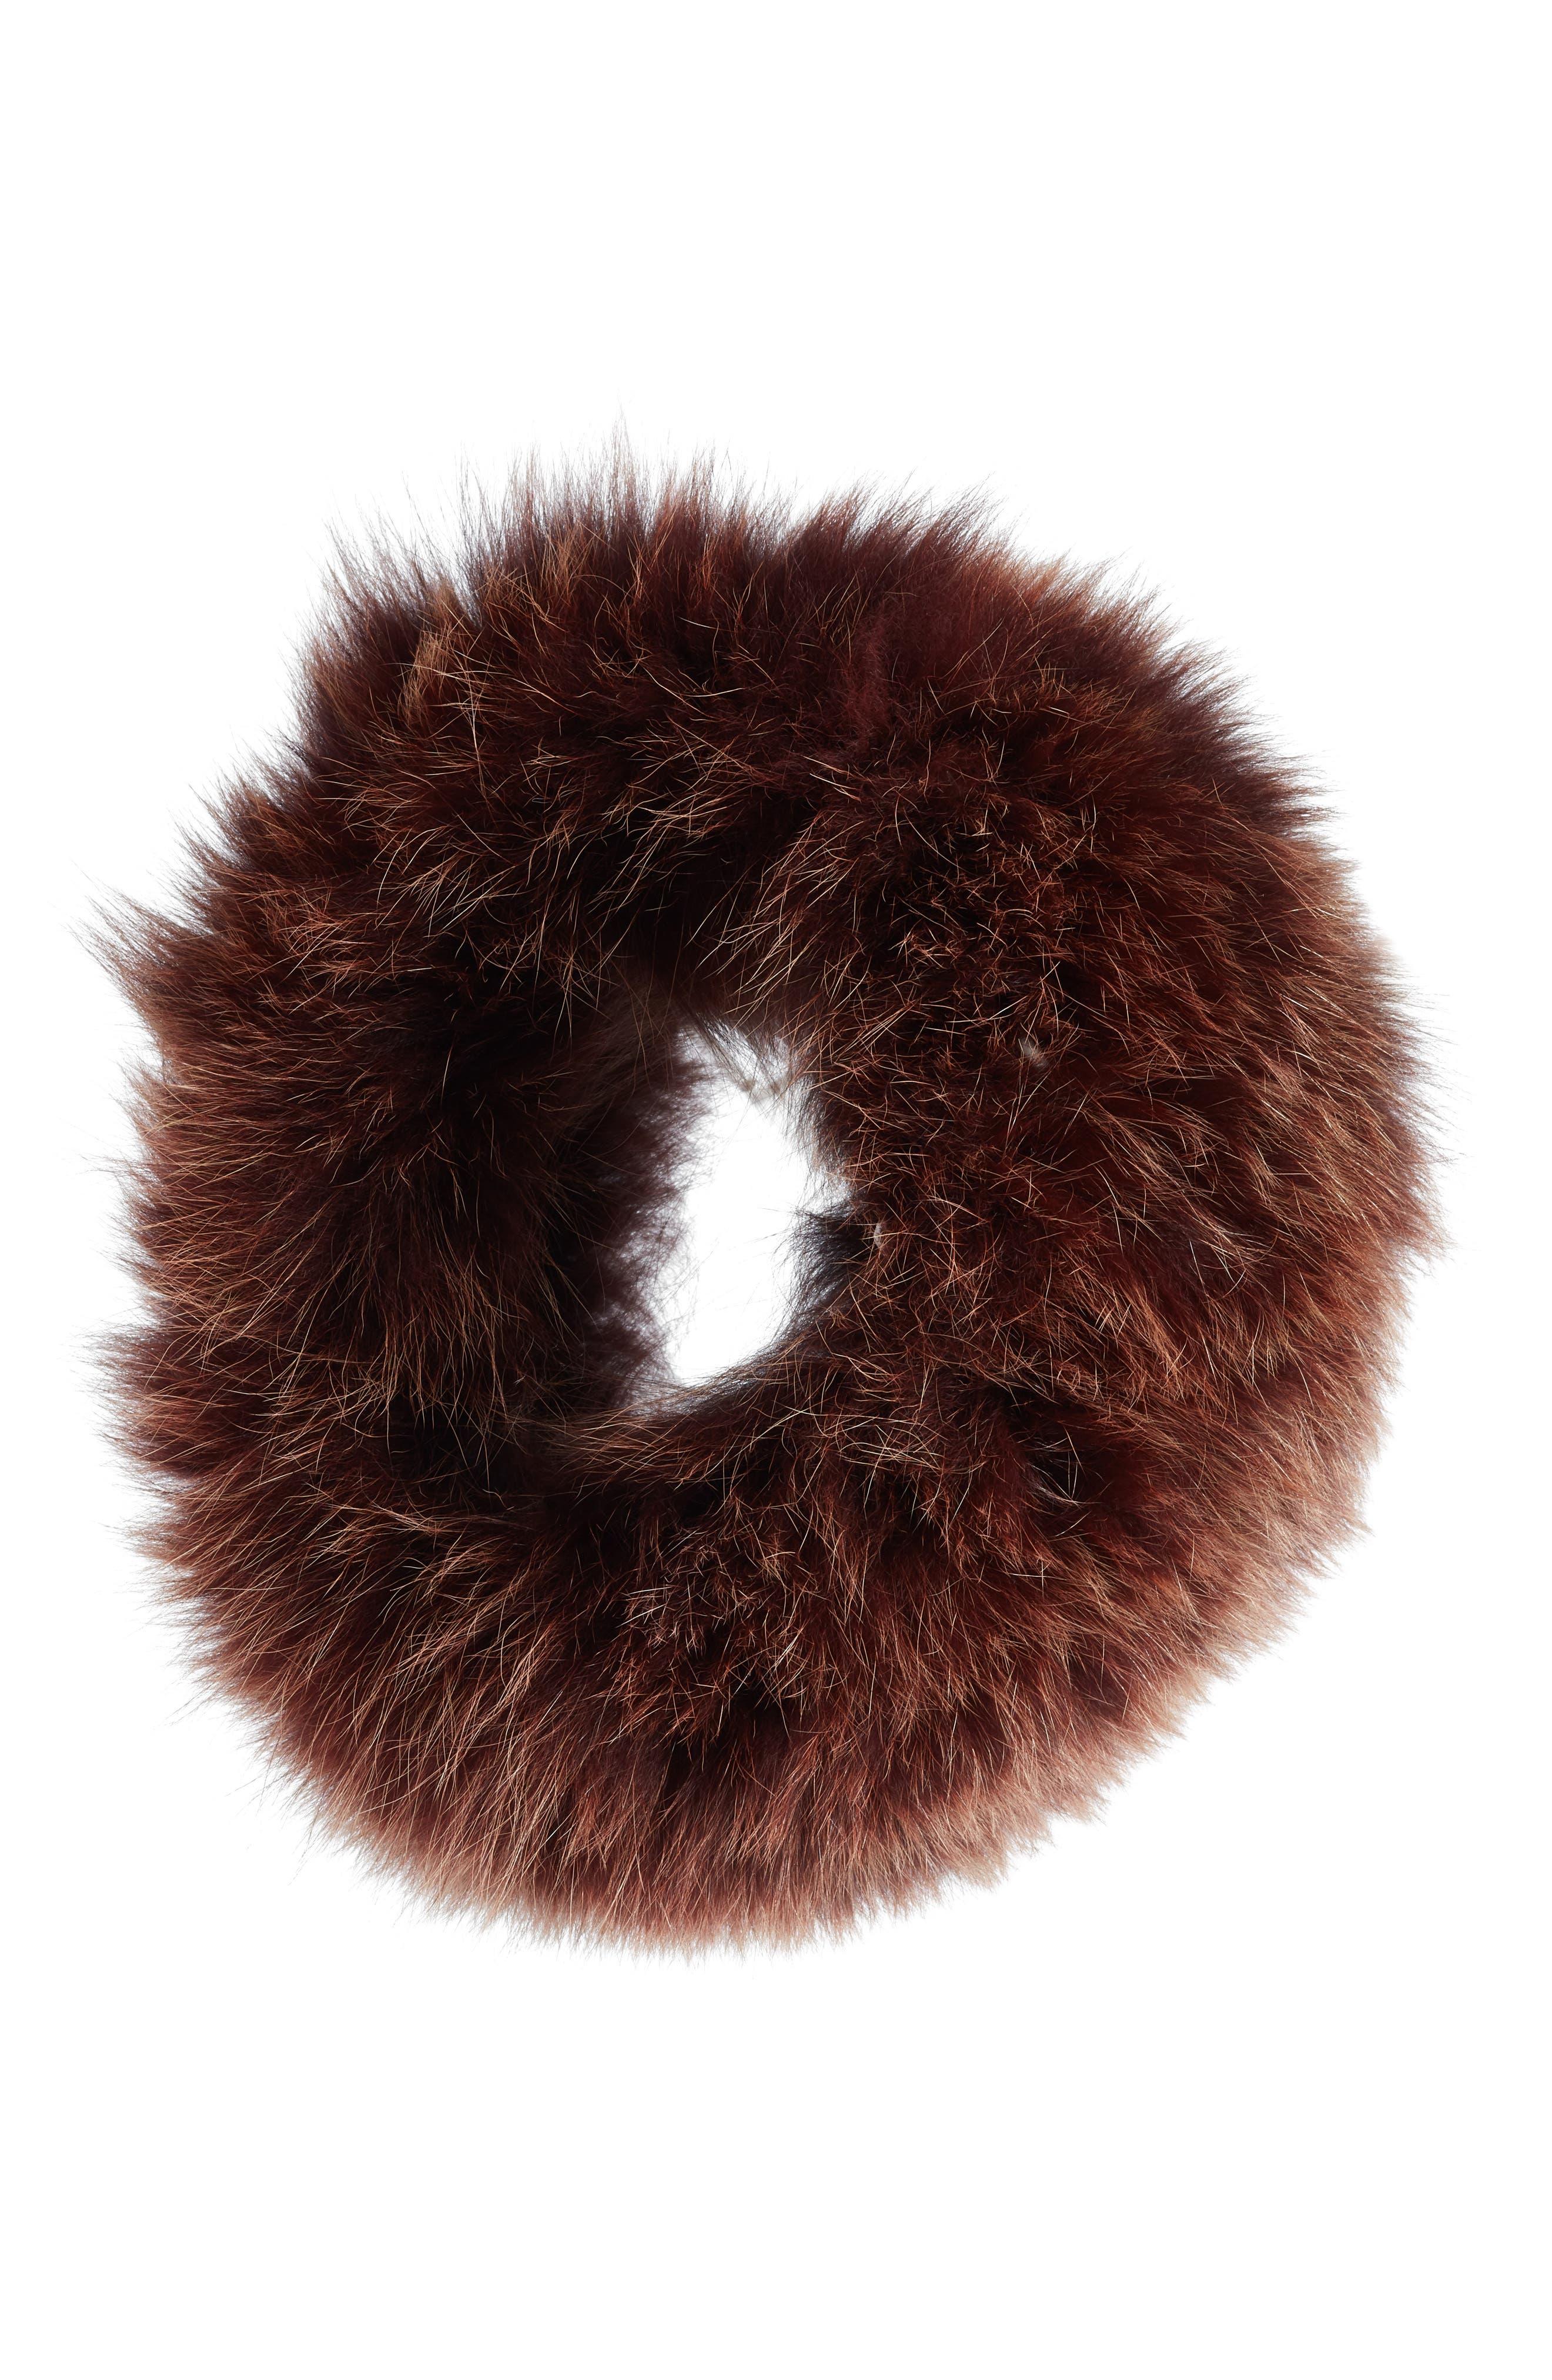 LA FIORENTINA Genuine Fox Fur Headband in Brown